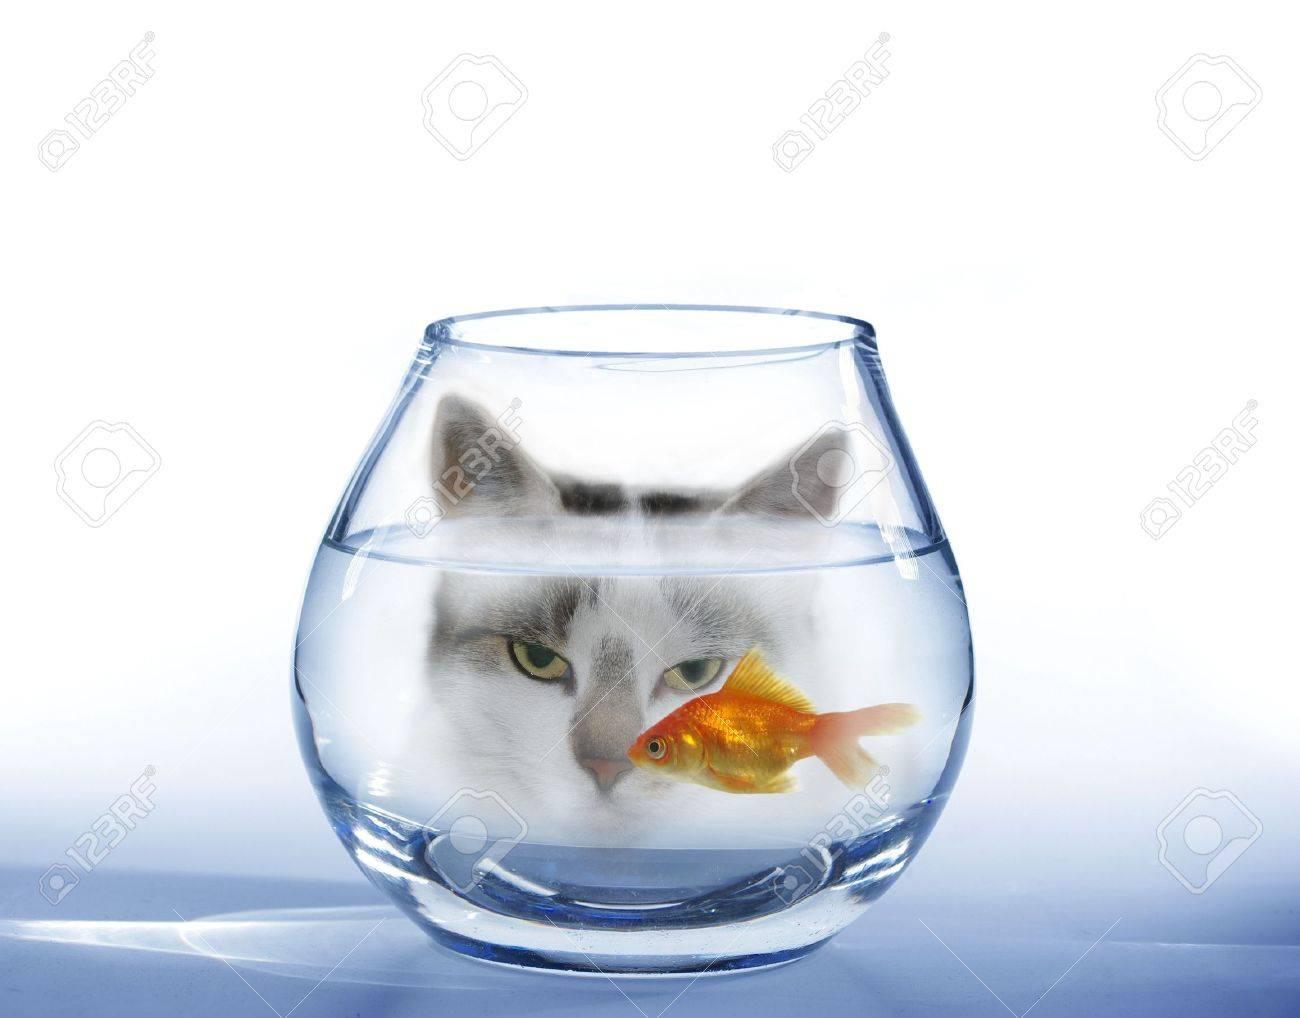 look at on swimming in aquarium fish cat - 5483653